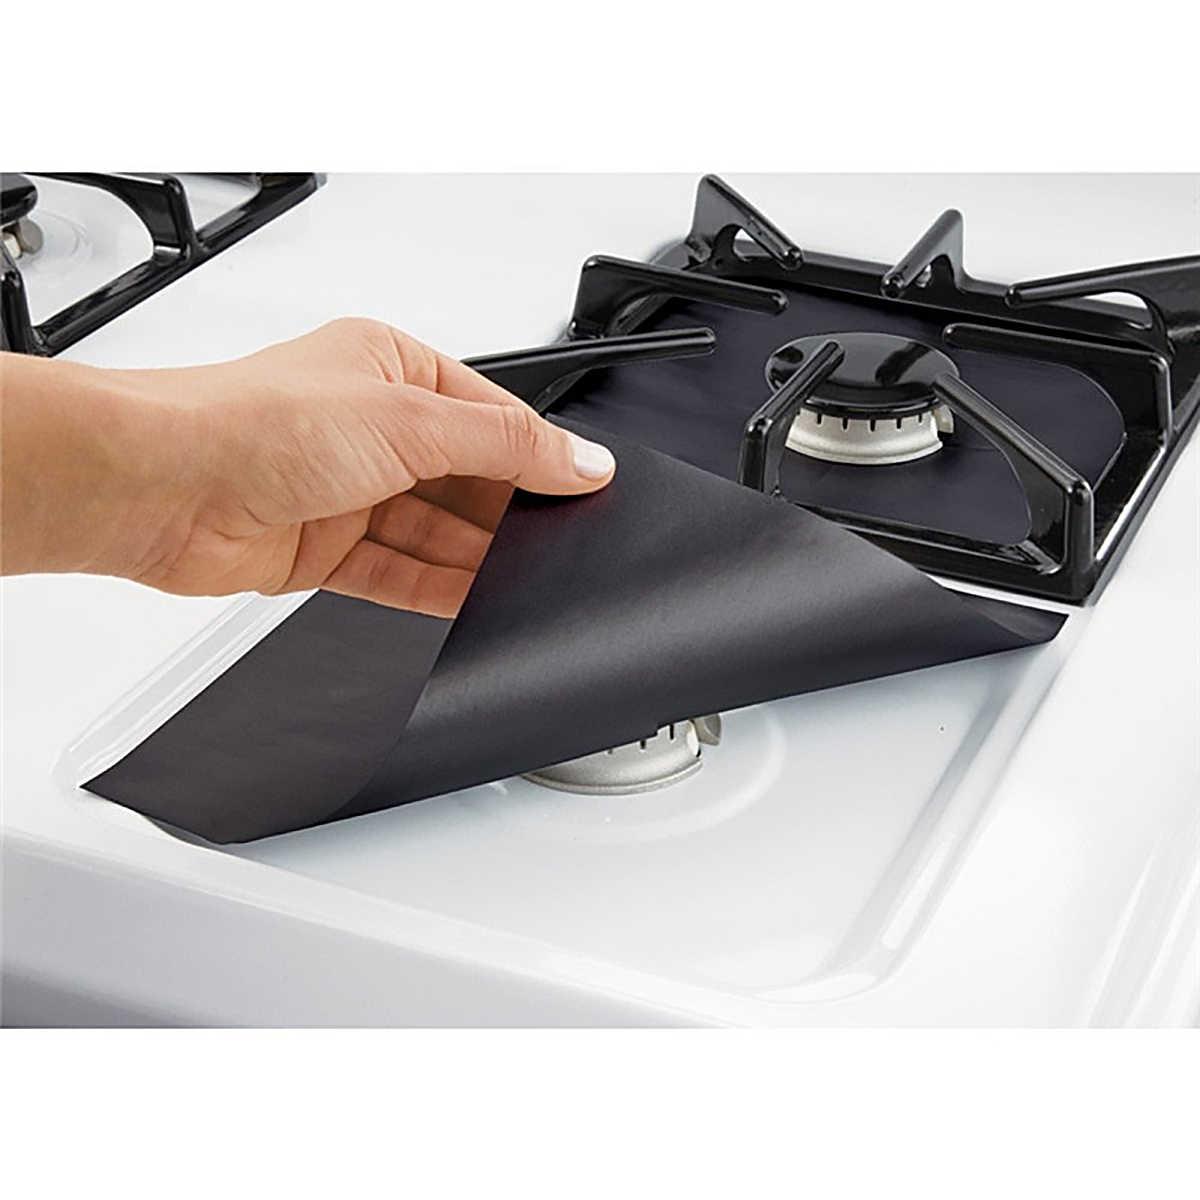 Hoomall, 2/4 Uds., protectores de horno a Gas de fibra de vidrio, quemador reutilizable, cubre fogón, alfombrilla antiadherente, utensilios de cocina para lavavajillas